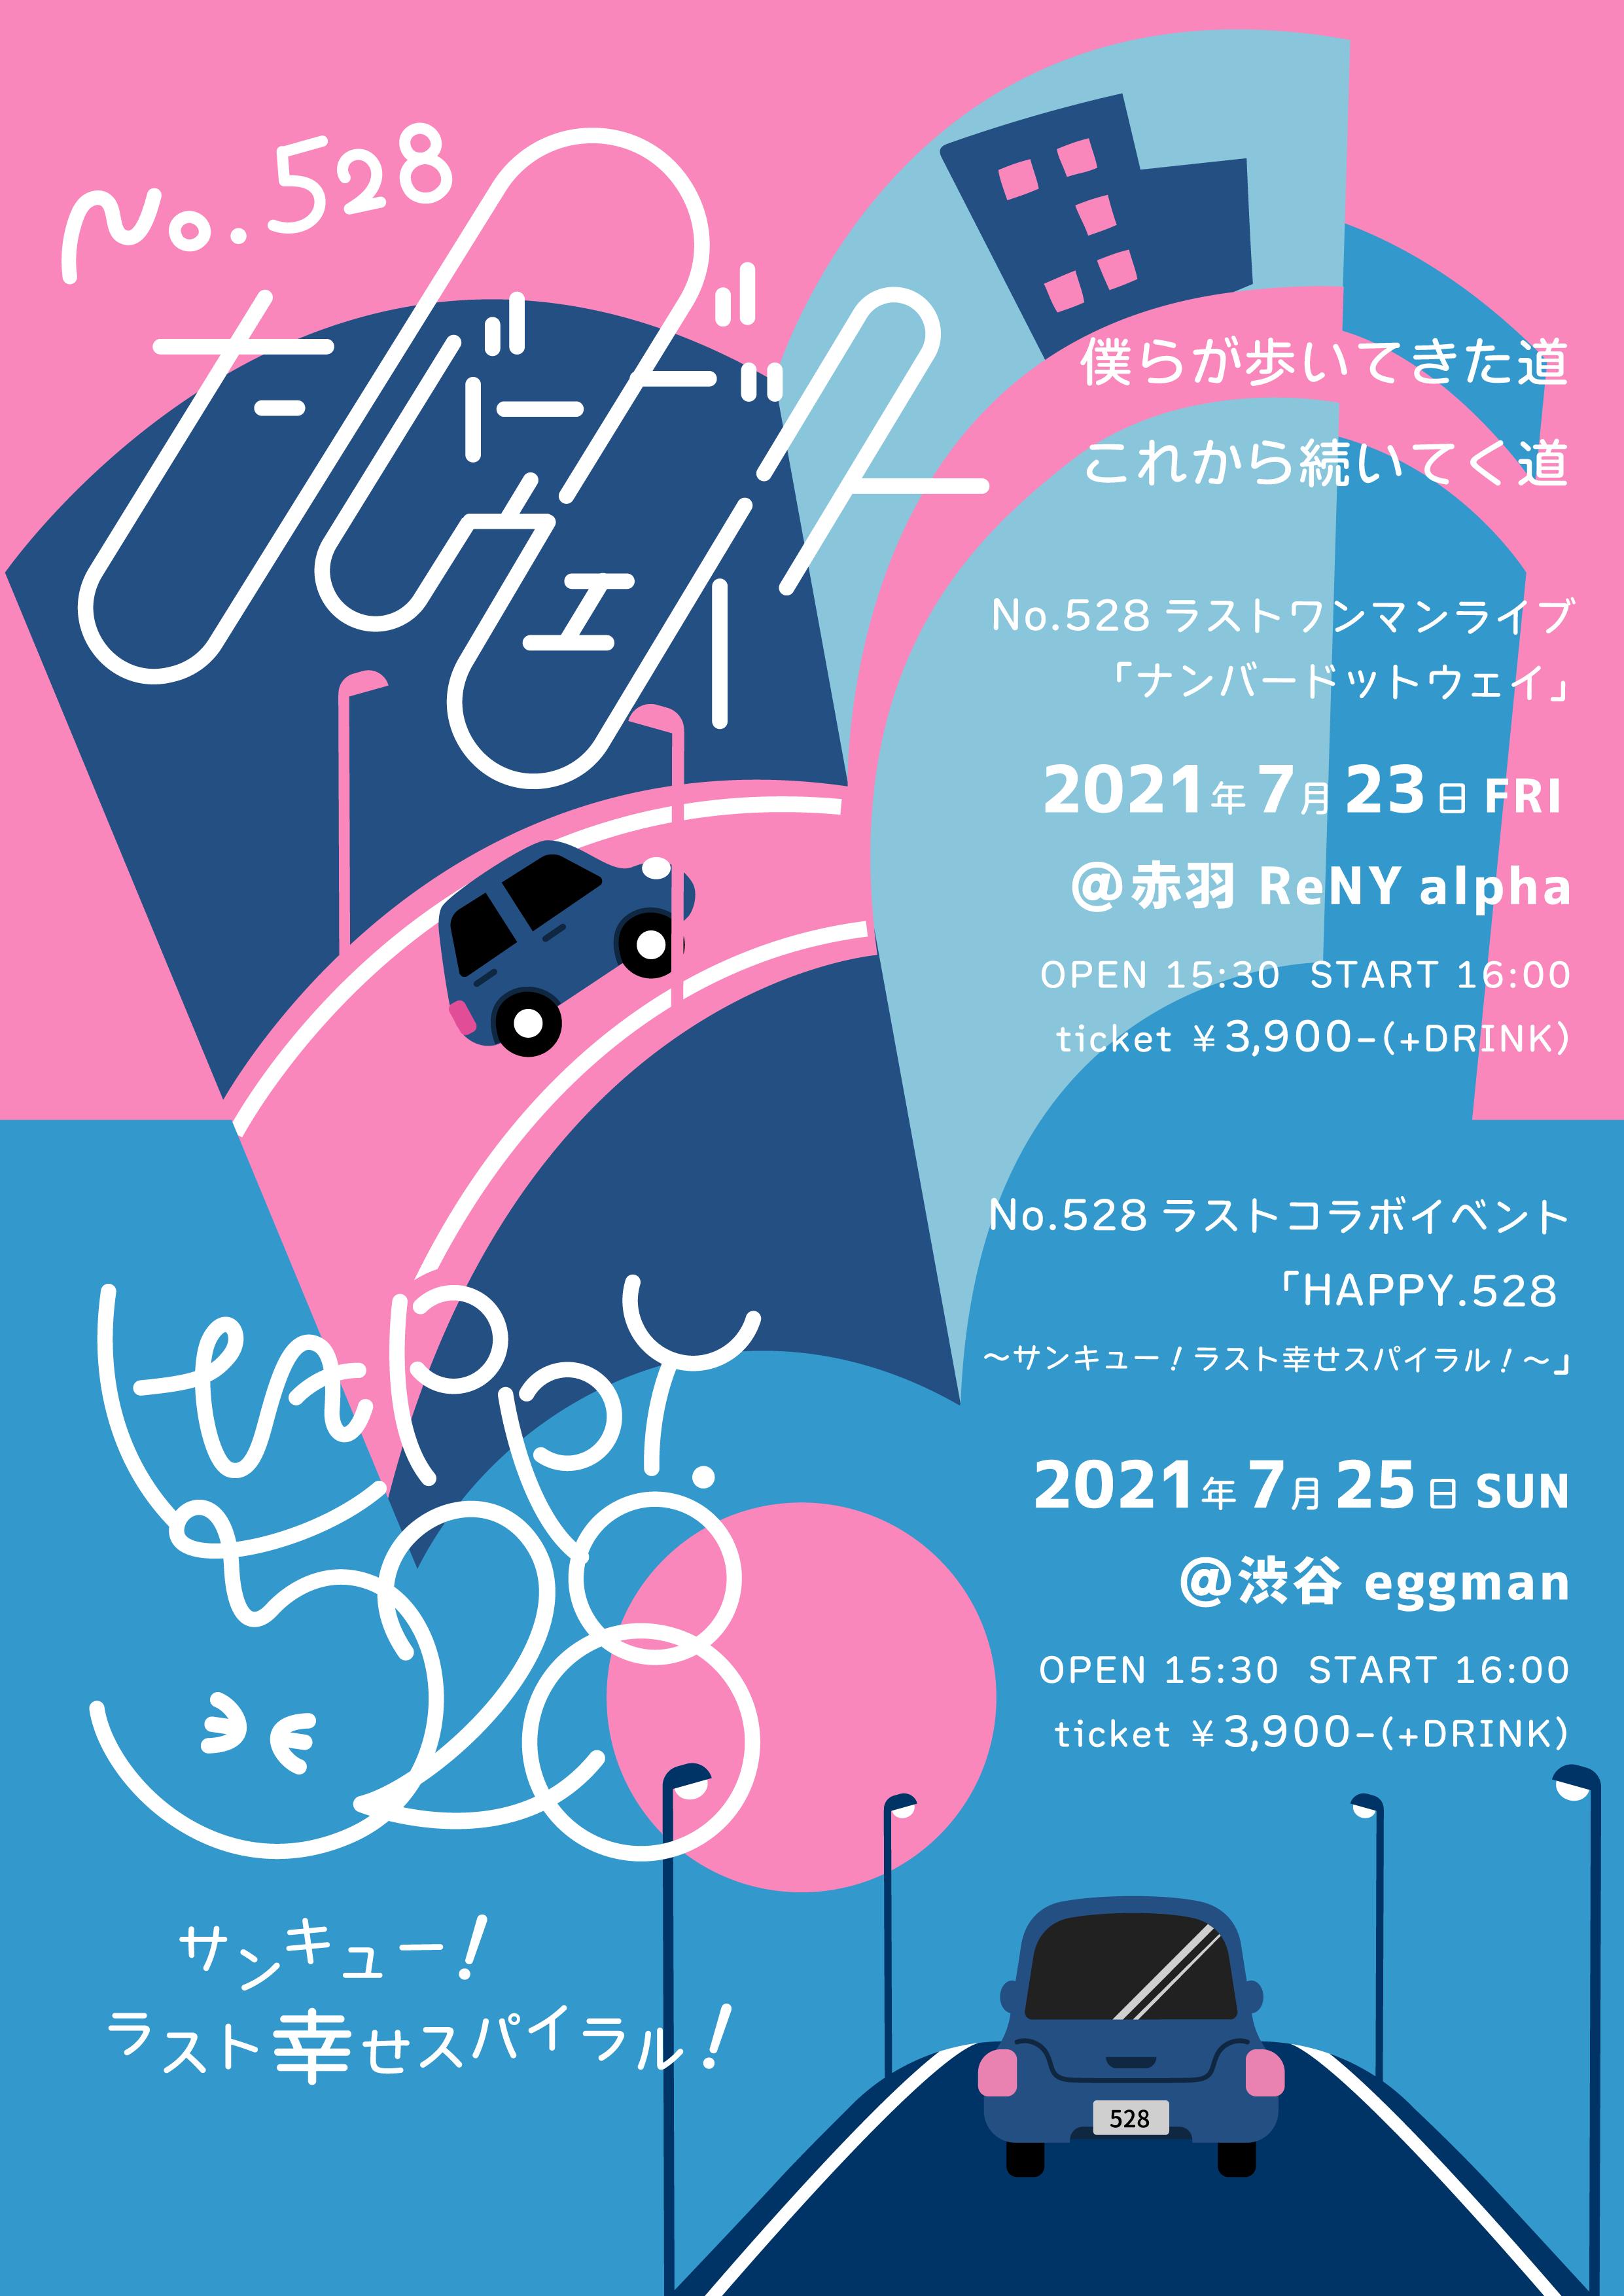 No.528ラストコラボイベントライブ 「HAPPY.528 ~サンキュー!ラスト幸せスパイラル!~」